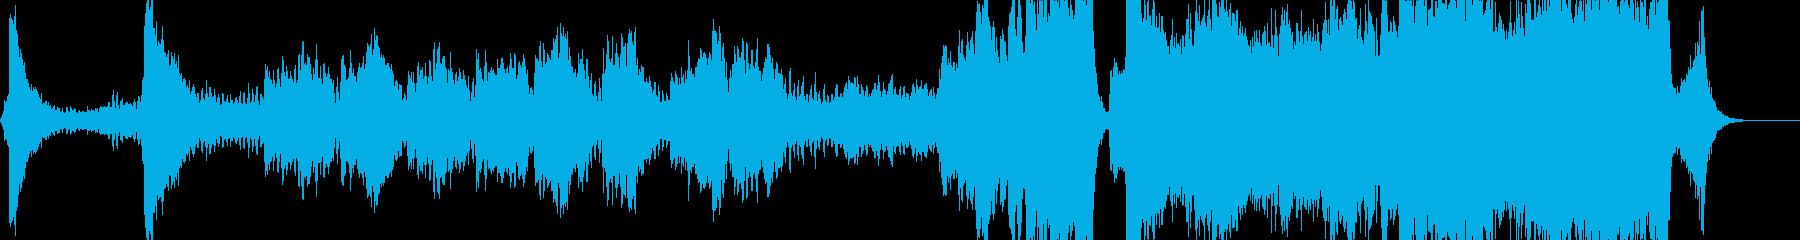 【ベース無し・ドラム無し】エピ…重厚感の再生済みの波形